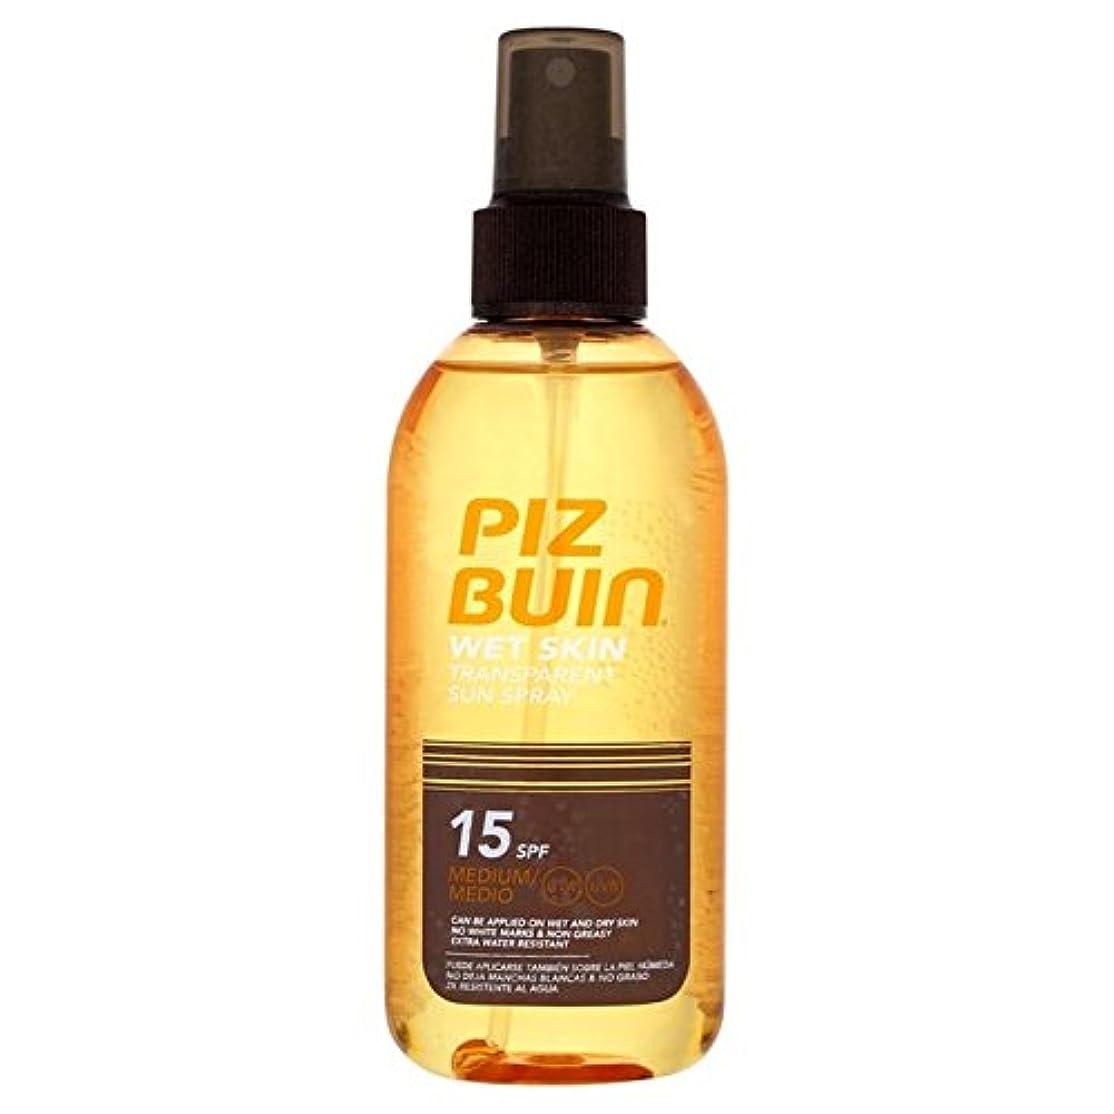 無駄なとても多くの監査ピッツブーインの湿った透明肌15の150ミリリットル x2 - Piz Buin Wet Transparent Skin SPF15 150ml (Pack of 2) [並行輸入品]